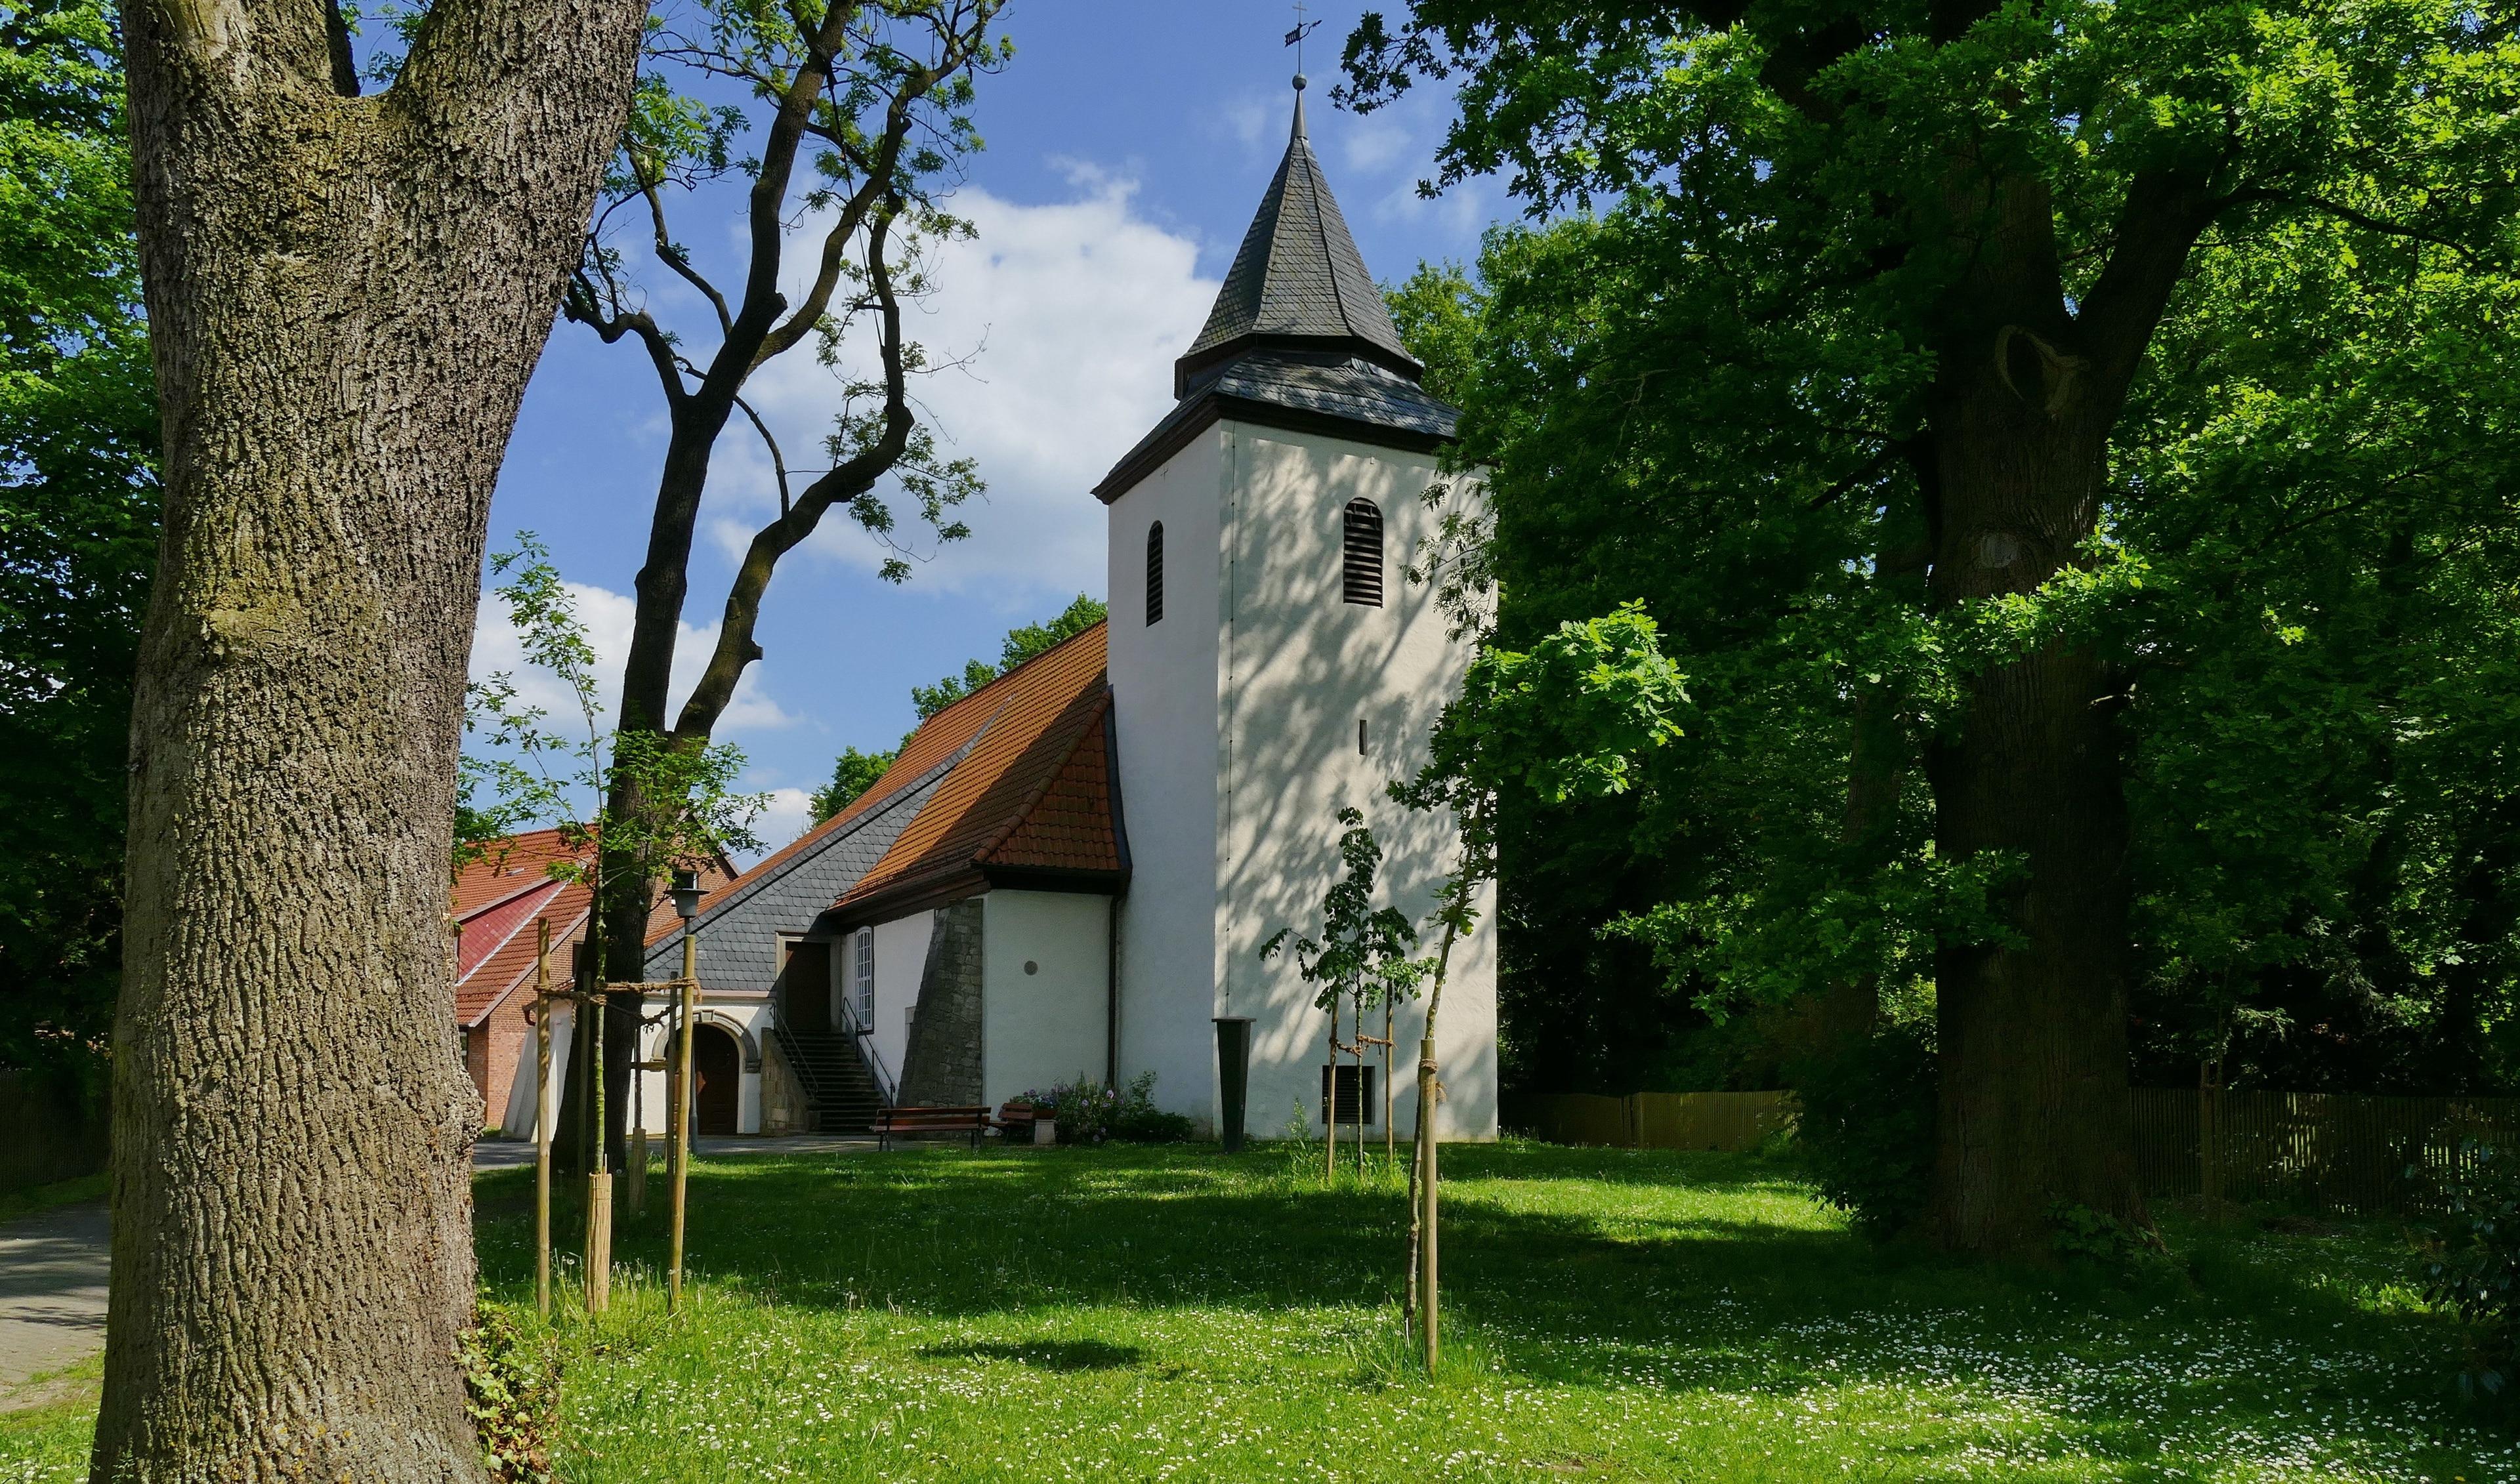 Rethmar, Sehnde, Lower Saxony, Germany